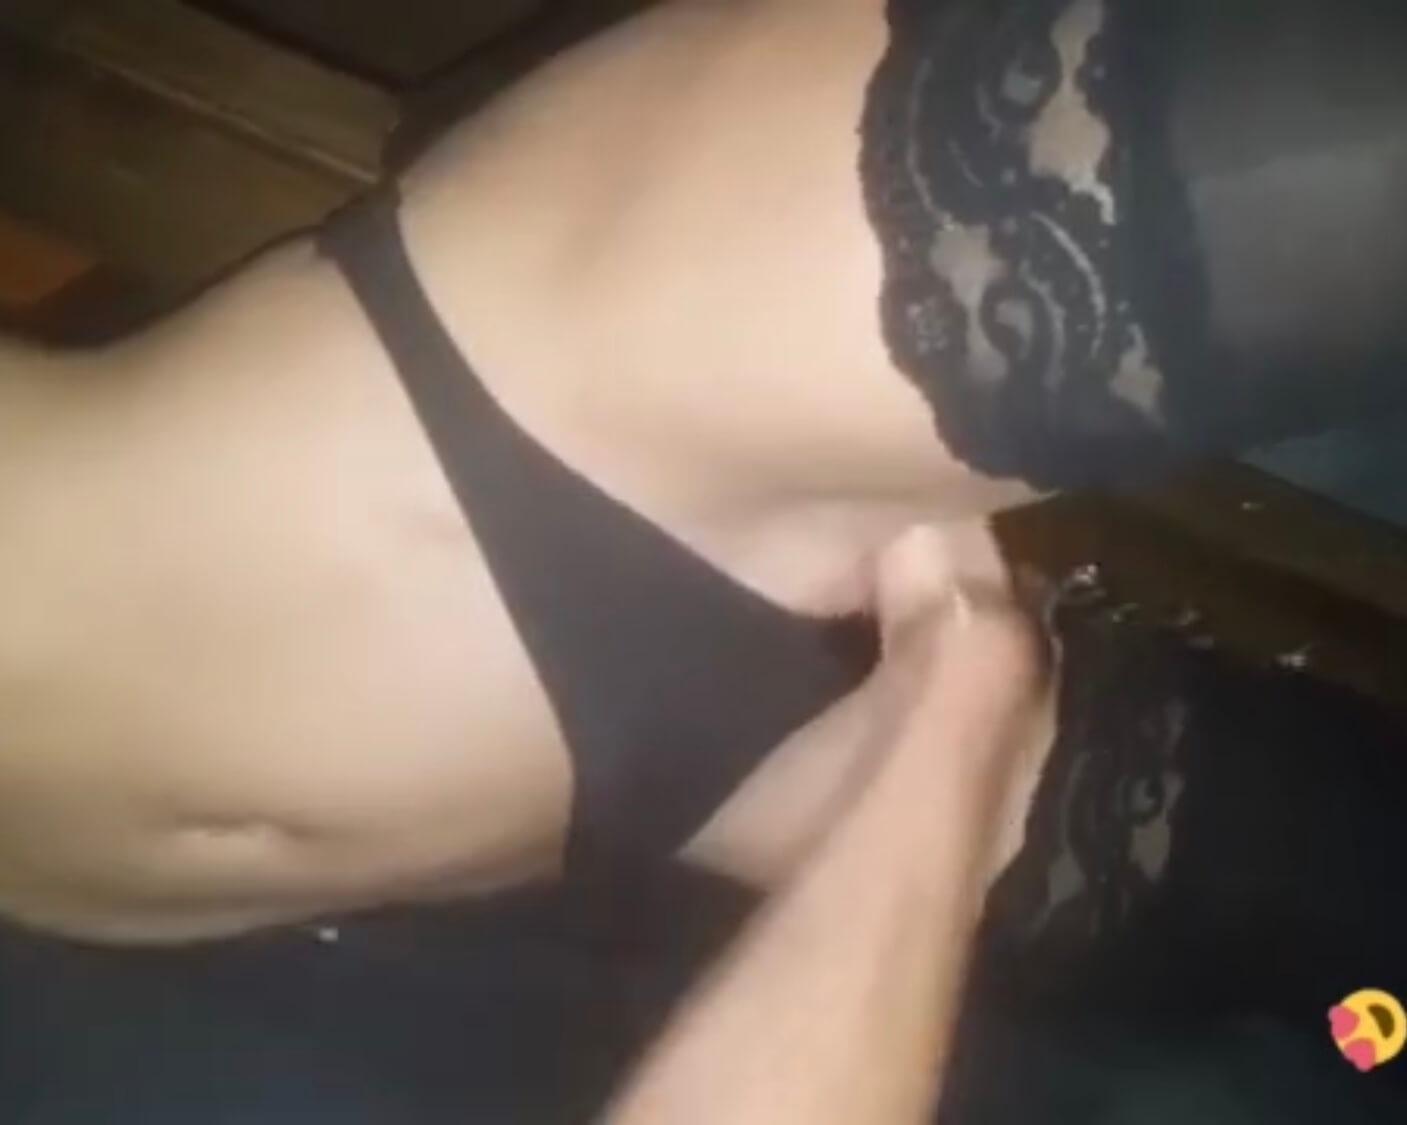 Alerte 🚨 Femme fontaine sur snapchat